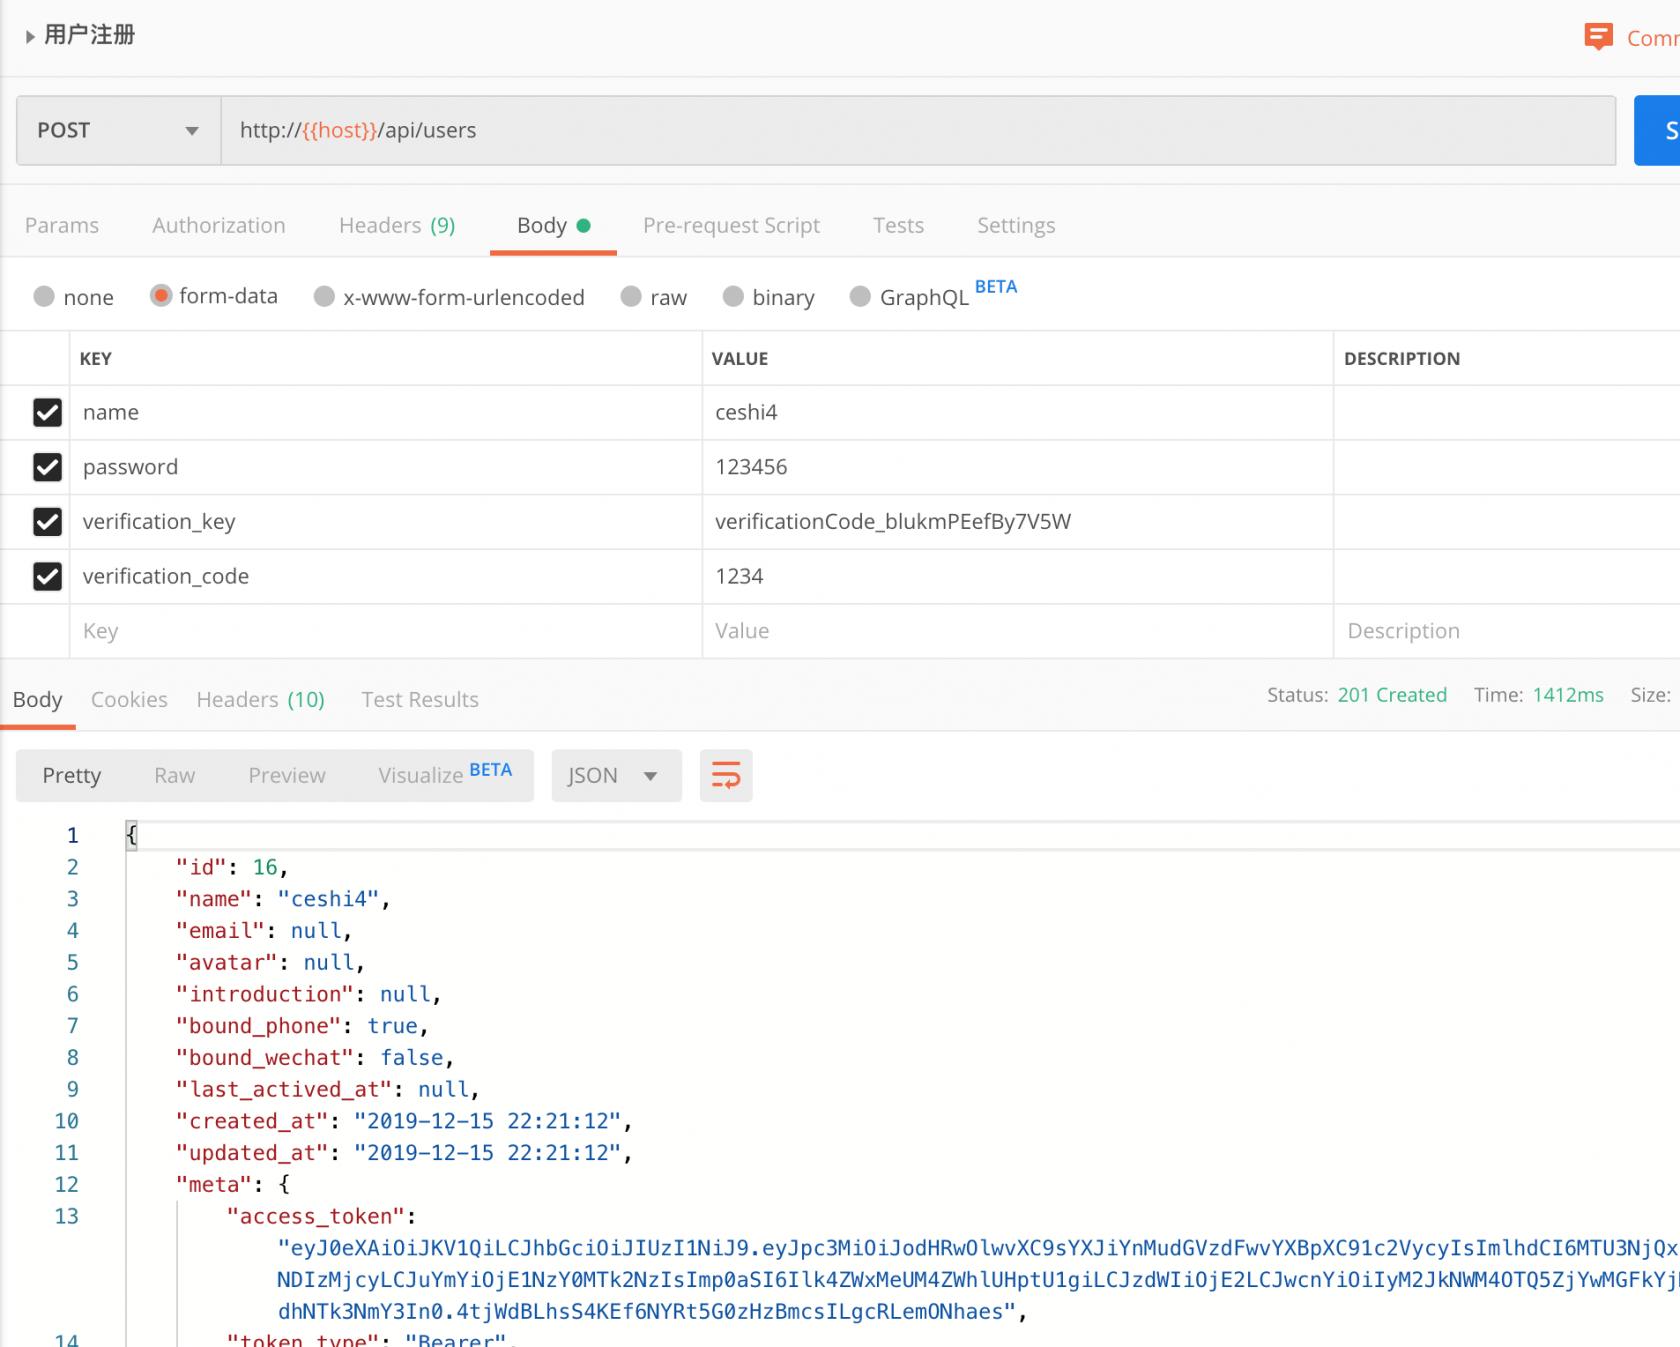 编辑接口请求的用户表是 user,不是 users。